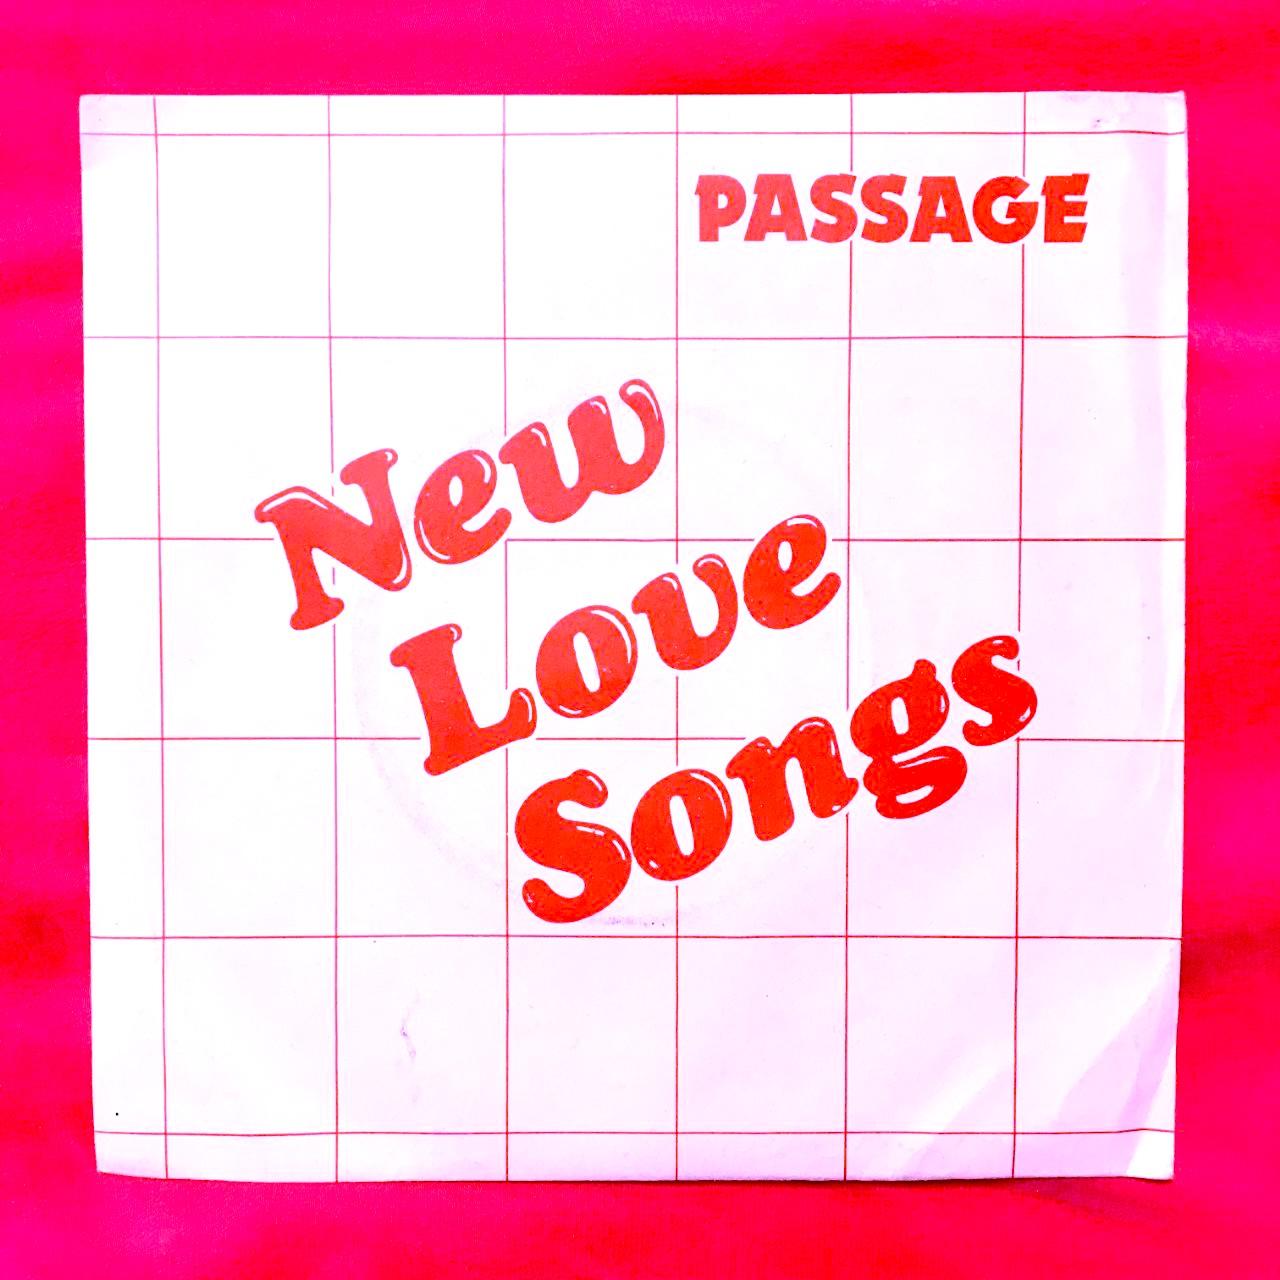 The Passage, carré rose.